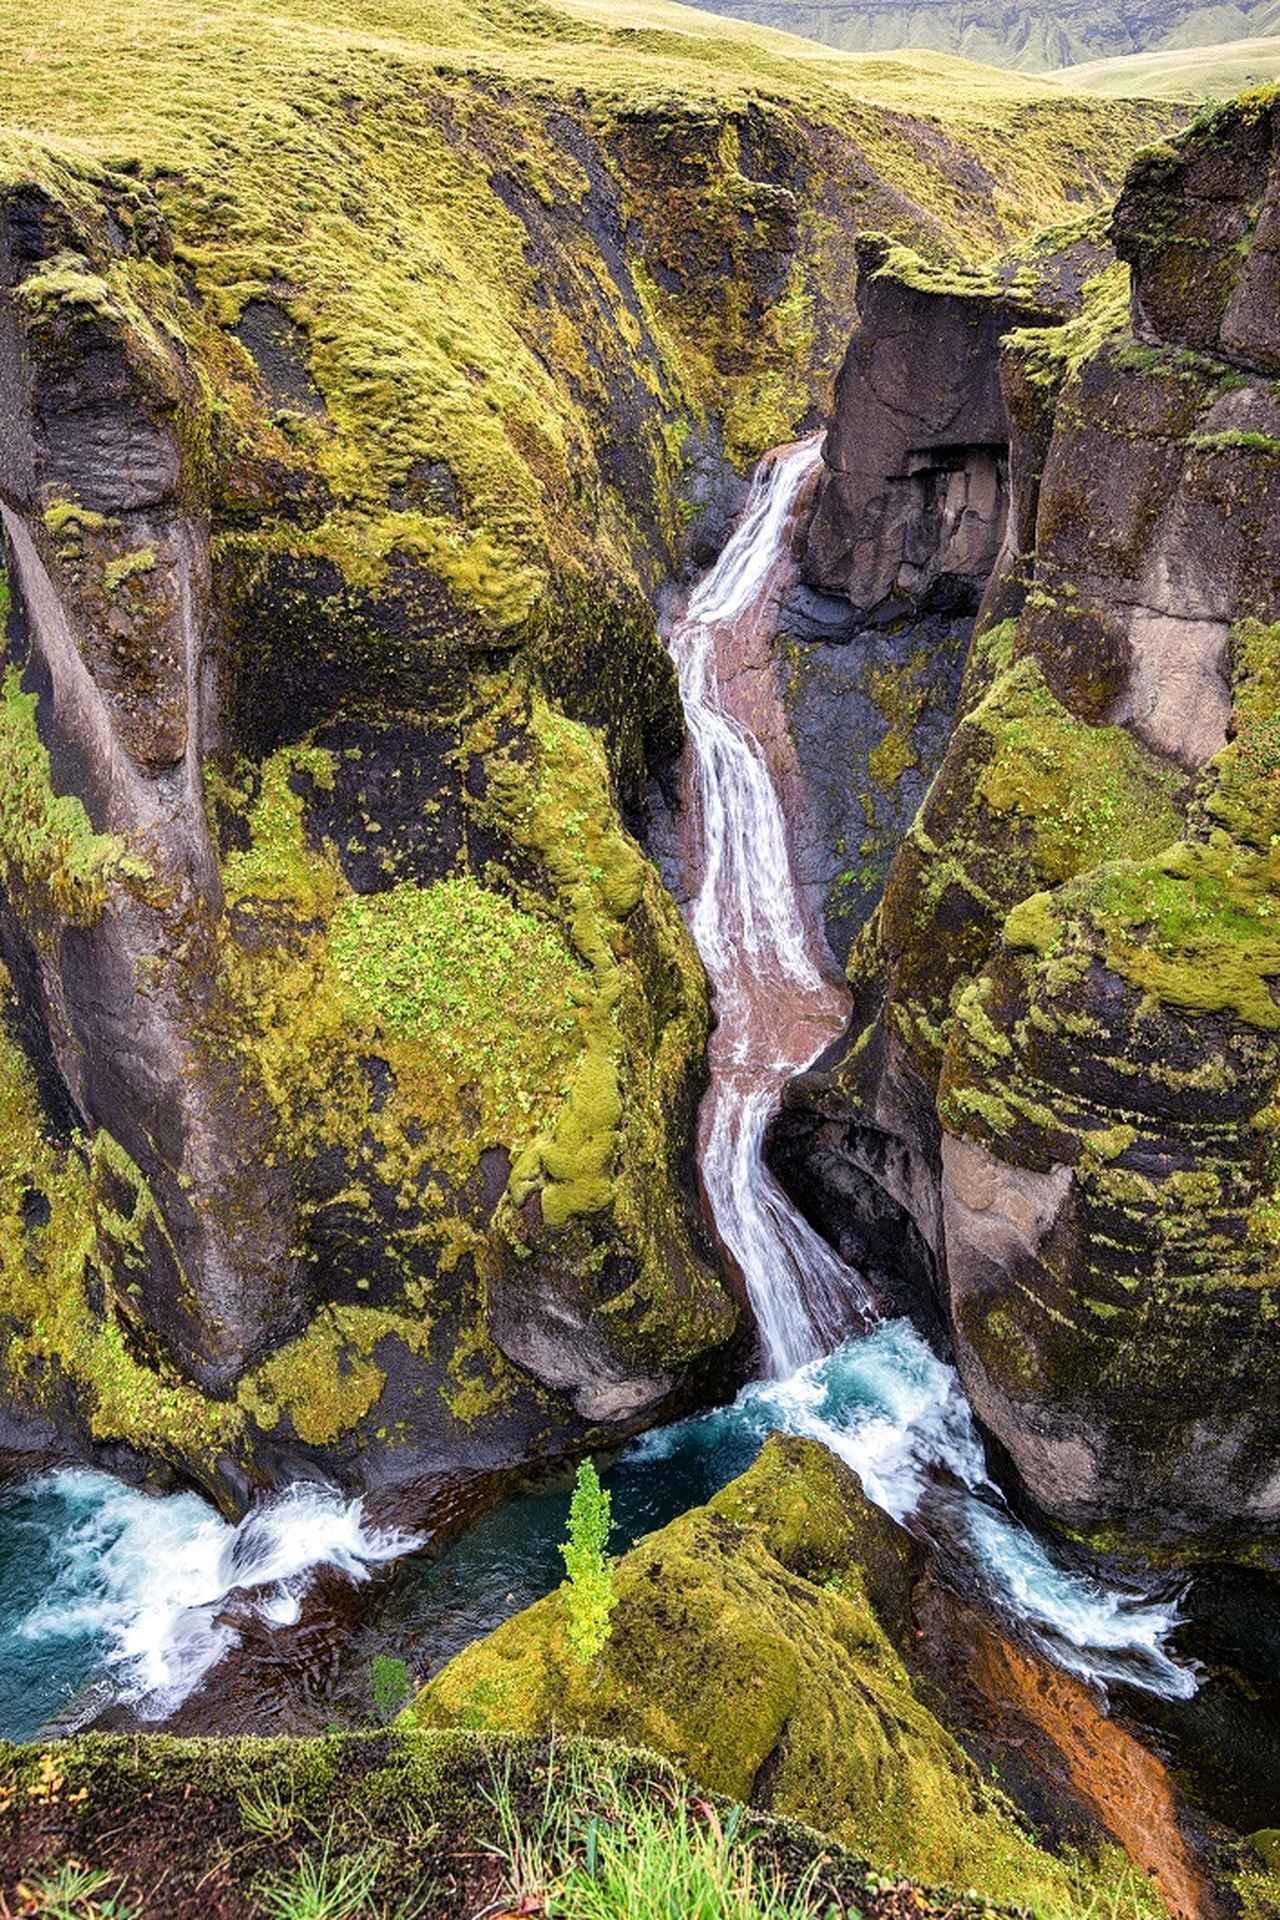 画像: フャズラオルグリューブル渓谷(Fjaðrárgljúfur)。ジャスティンの影響で注目度が増したため、「ビーバー渓谷」とも呼ばれるように。